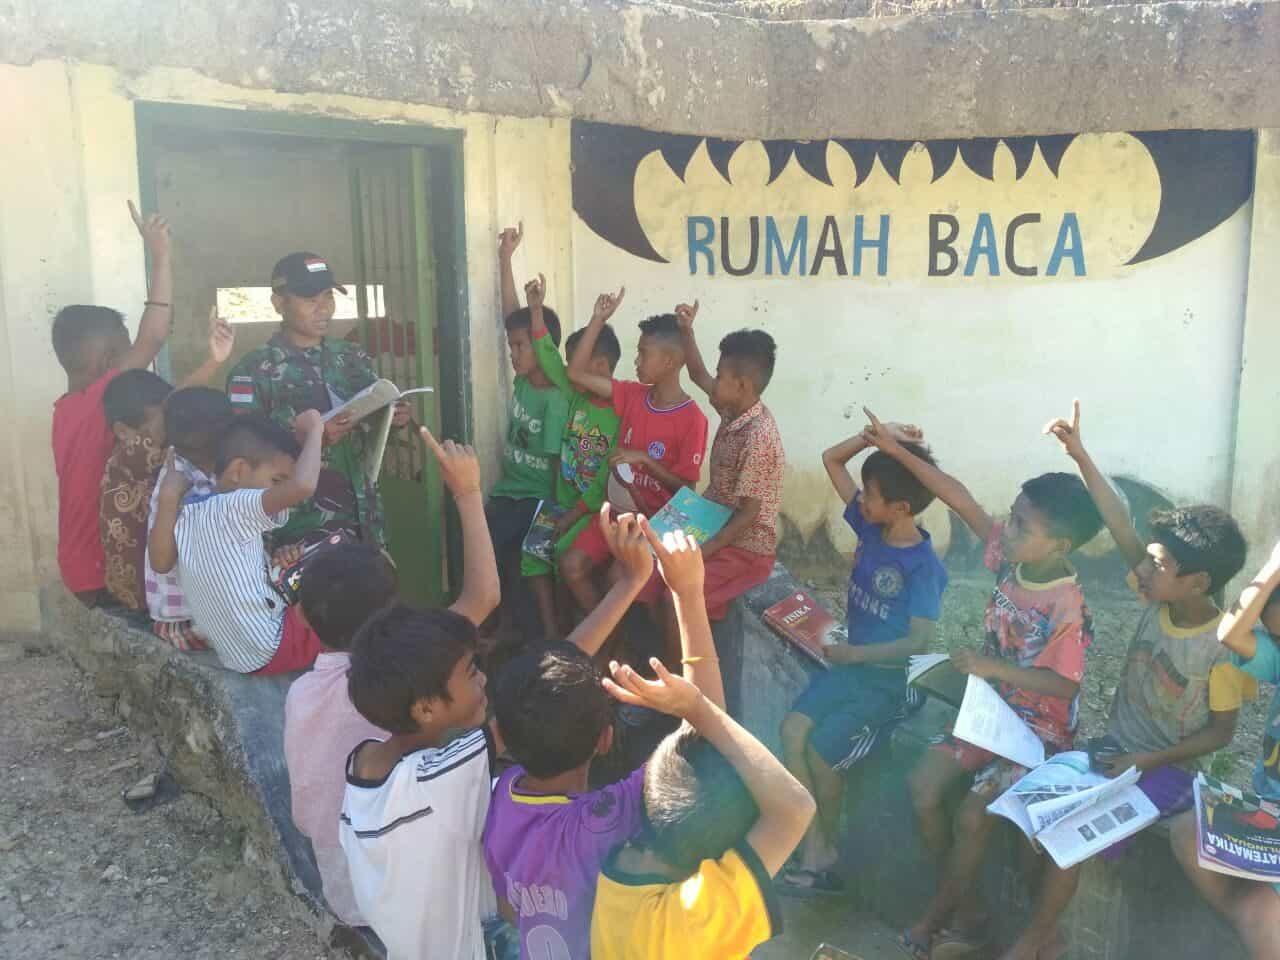 Subrastha, Rumah Baca Cerdaskan Anak Perbatasan Ri-rdtl